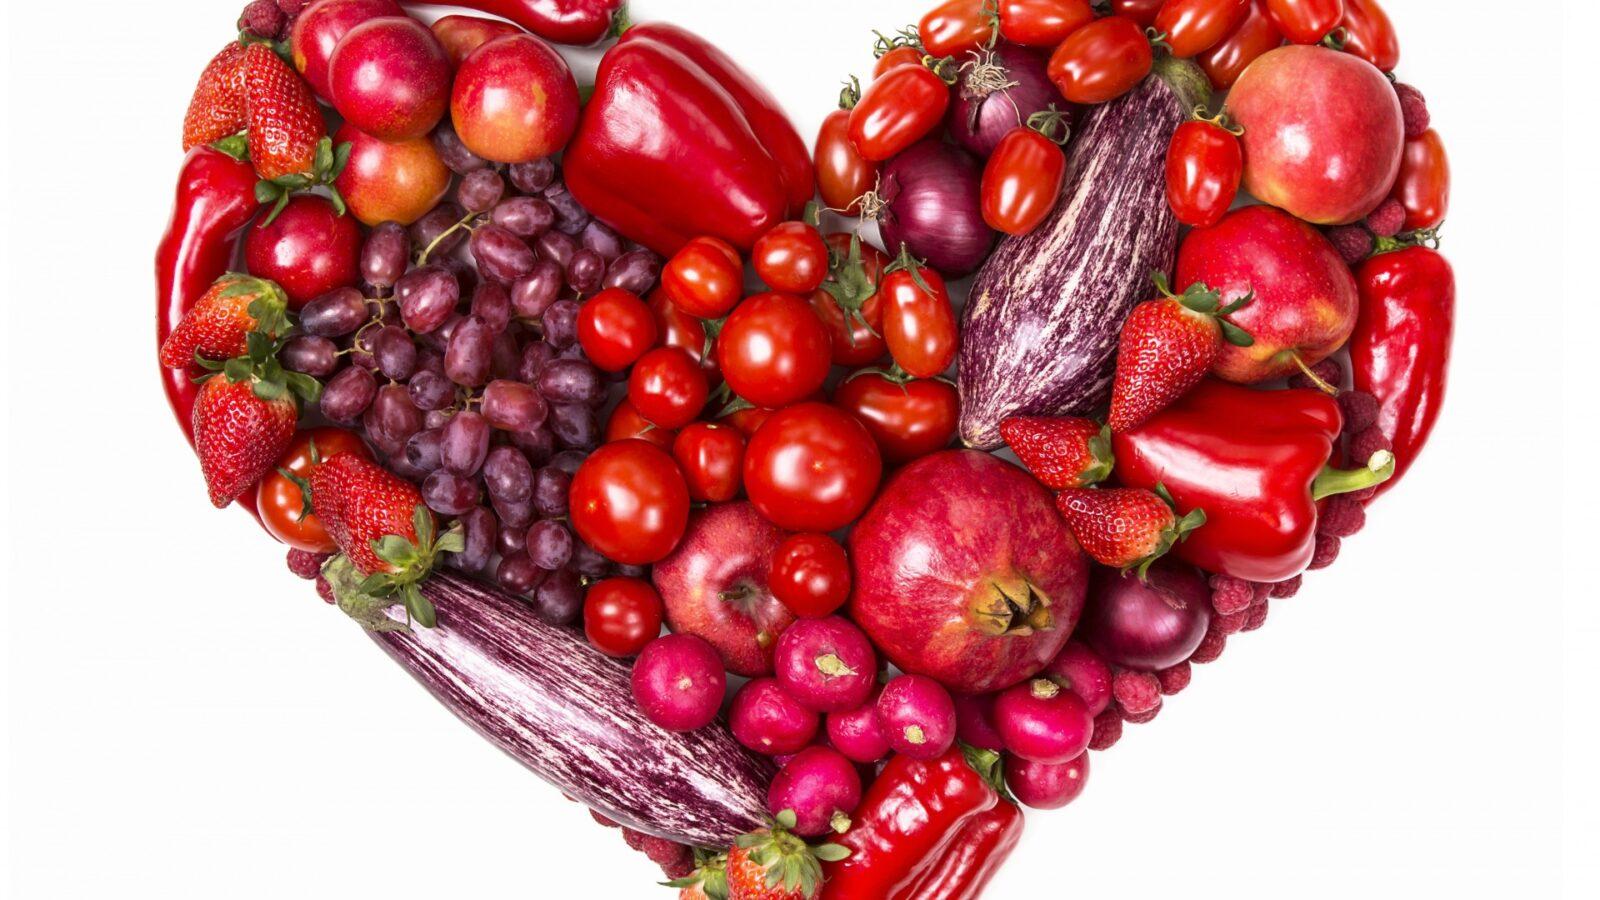 7 ягод и фруктов, которые полезнее есть с косточками